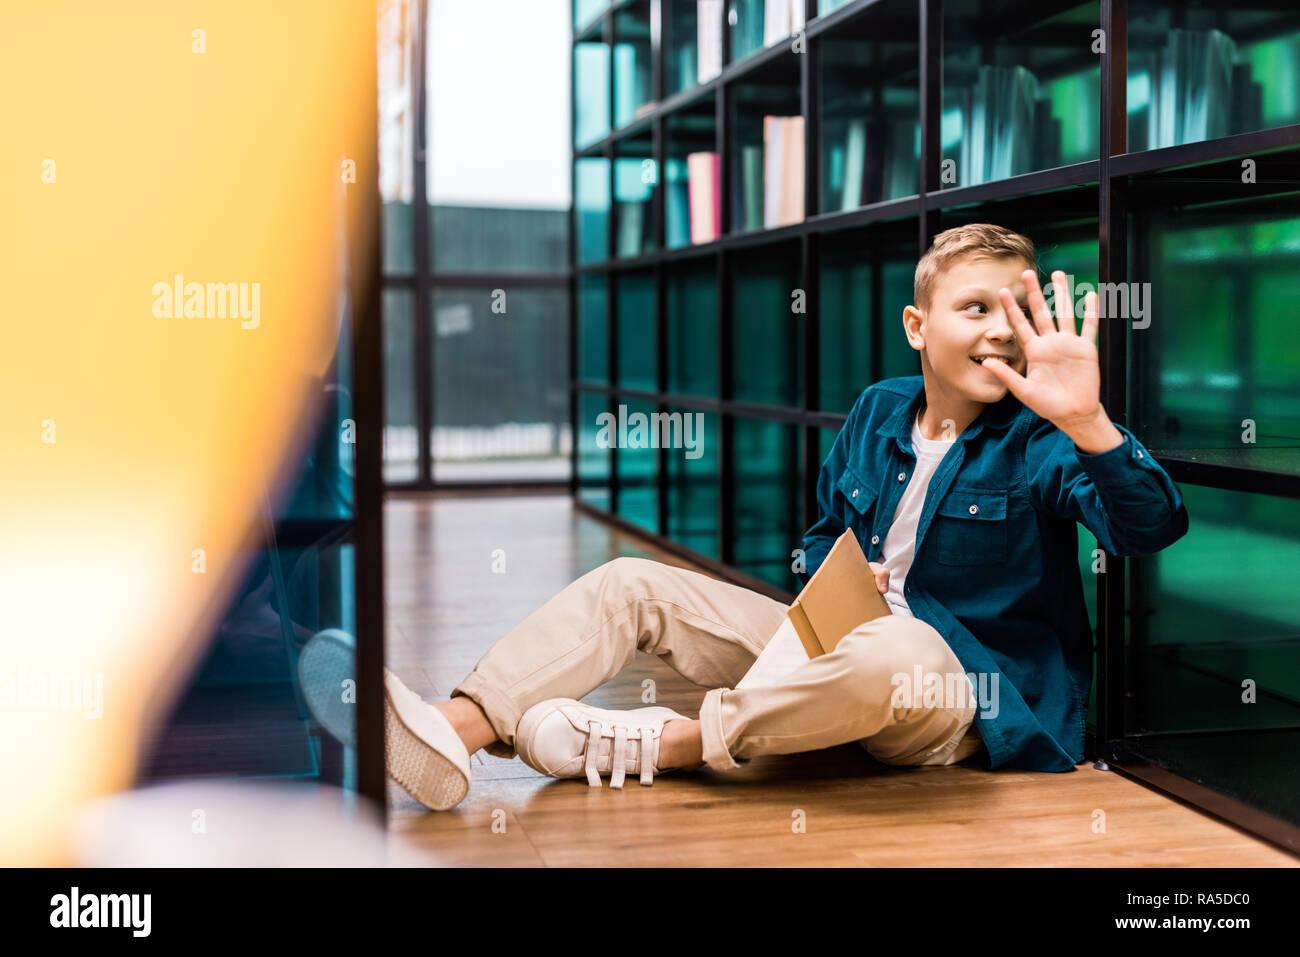 Lächelnden Schuljungen holding Buch und winkende Hand beim Sitzen auf dem Boden in der Bibliothek Stockfoto